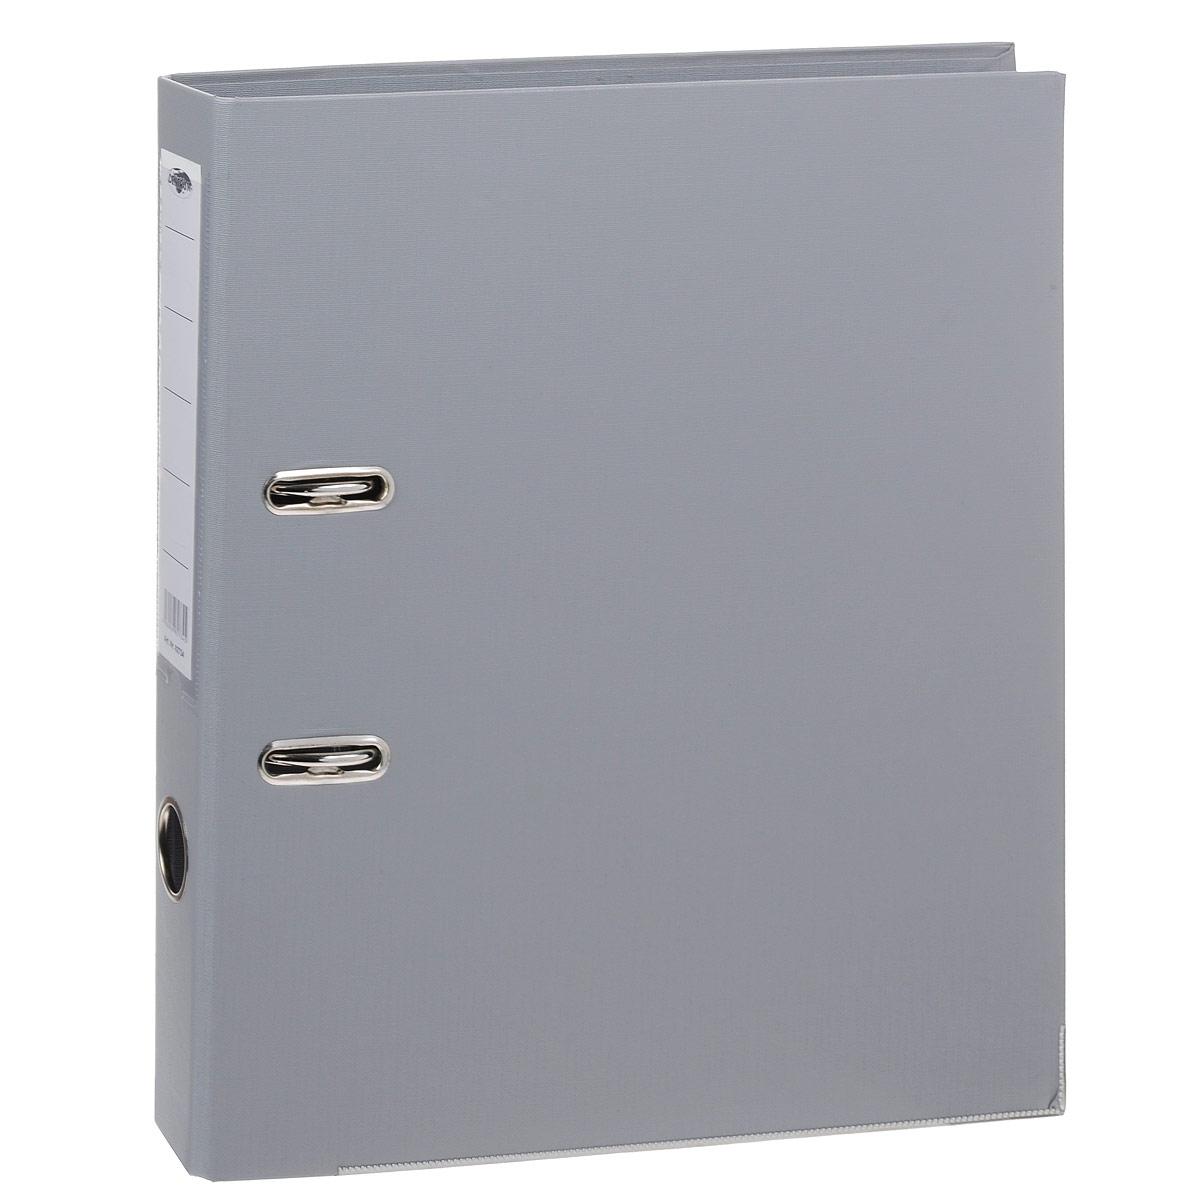 Папка-регистратор Centrum, ширина корешка 50 мм, цвет: серый82734Папка-регистратор Centrum пригодится в каждом офисе и доме для хранения больших объемов документов. Внешняя сторона папки выполнена из плотного картона с двусторонним ПВХ-покрытием, что обеспечивает устойчивость к влаге и износу. Нижняя кромка папки защищена от истирания металлической окантовкой. Папка-регистратор оснащена надежным арочным механизмом крепления бумаги. Круглое отверстие в корешке папки облегчит ее извлечение с полки, а прозрачный карман со съемной этикеткой позволяет маркировать содержимое. Ширина корешка 5 см.